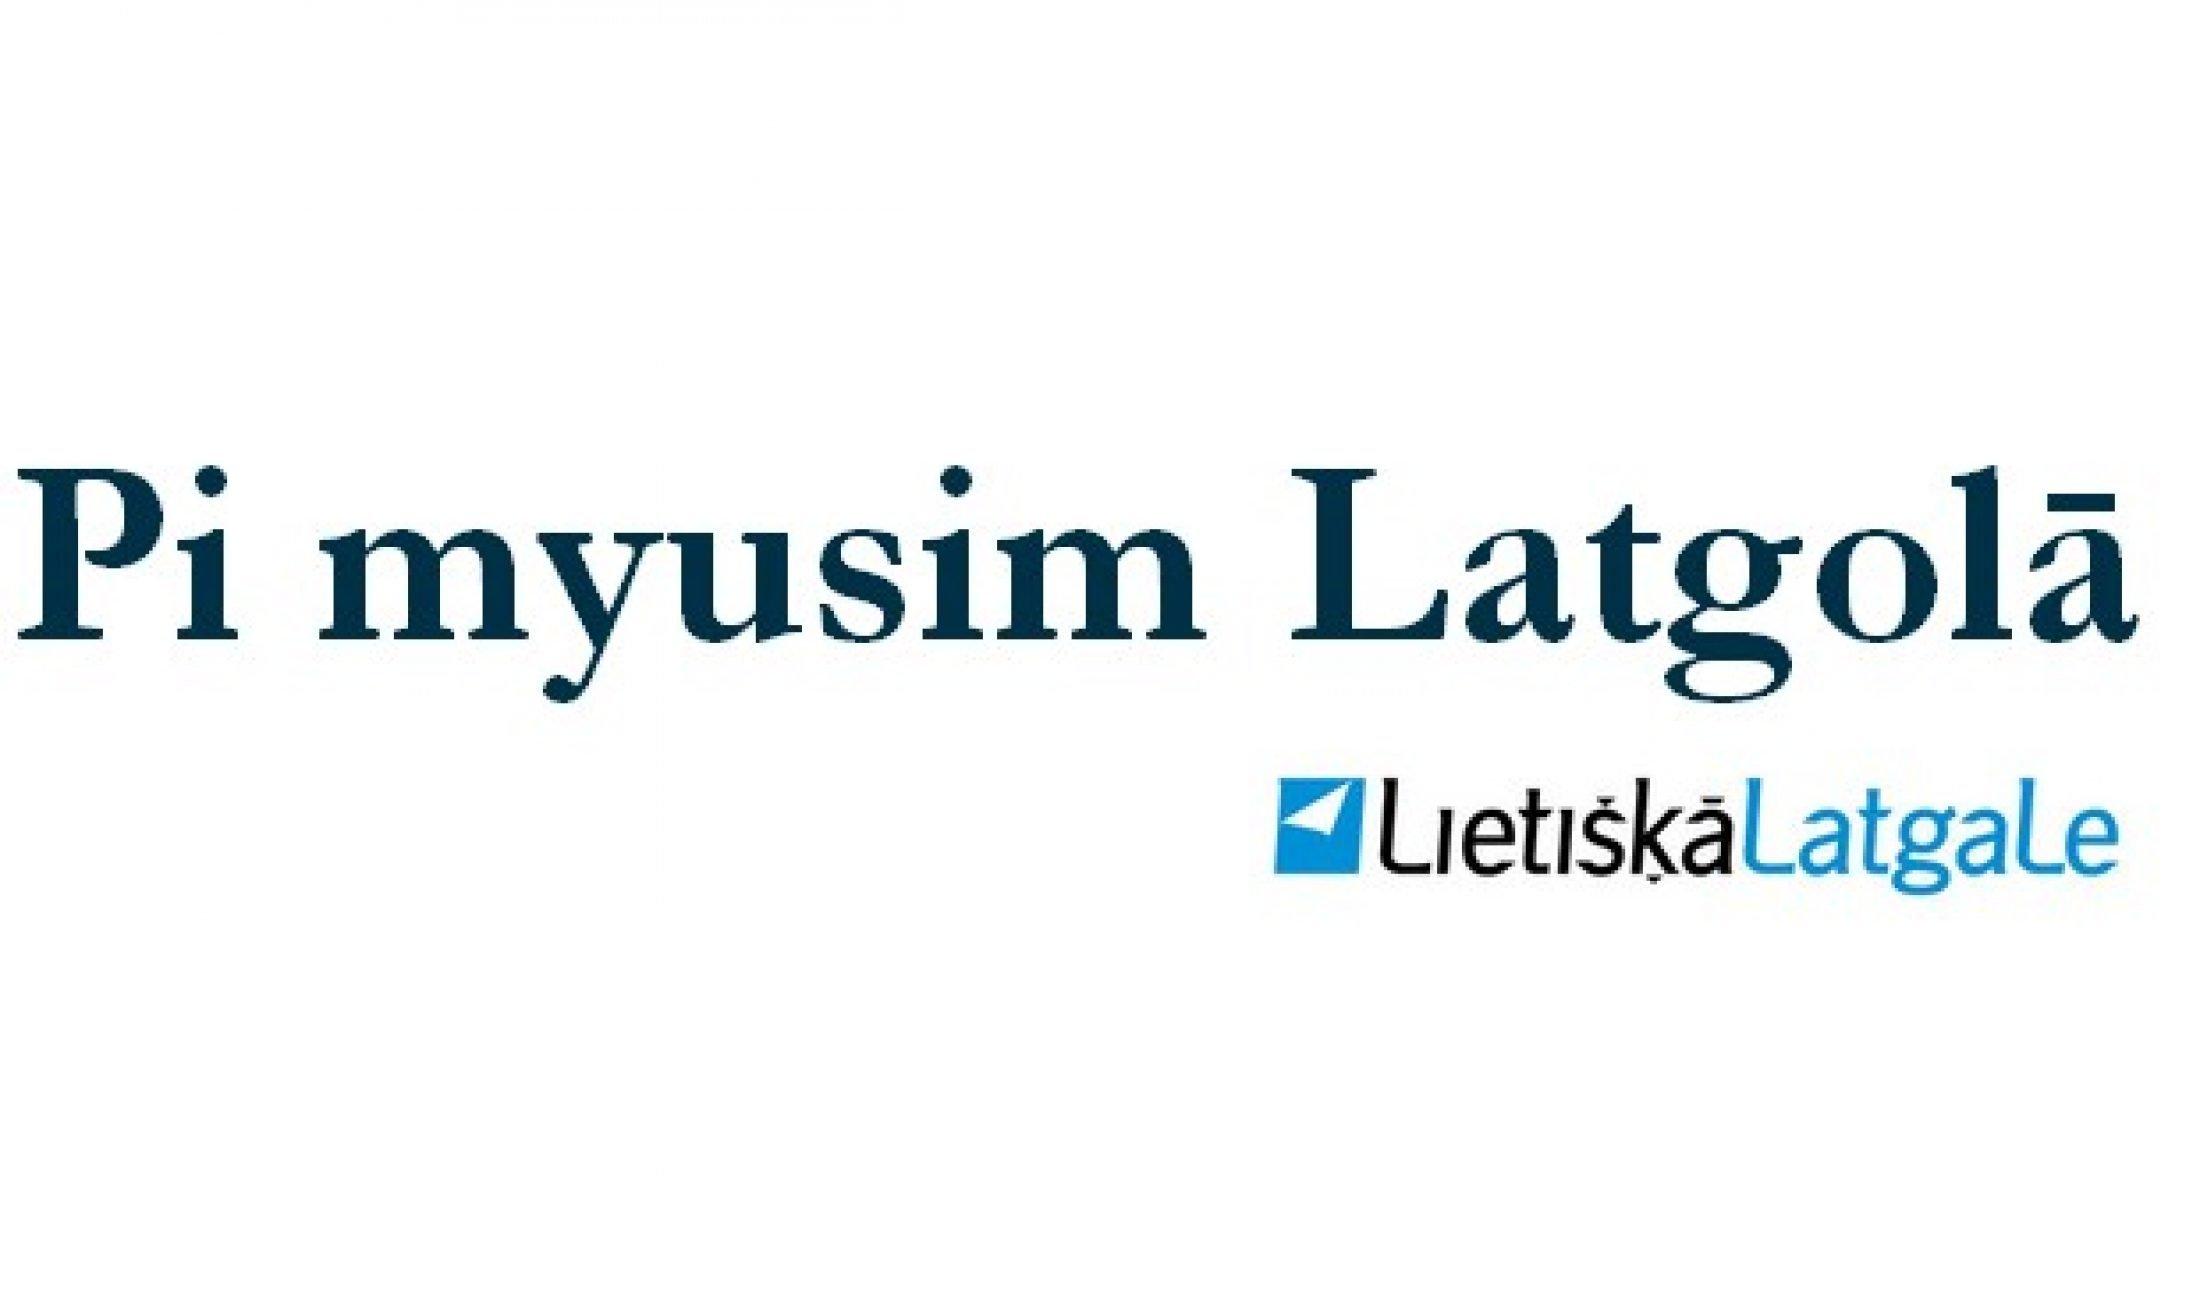 Pi myusim Latgolā! – 27.12.2013.